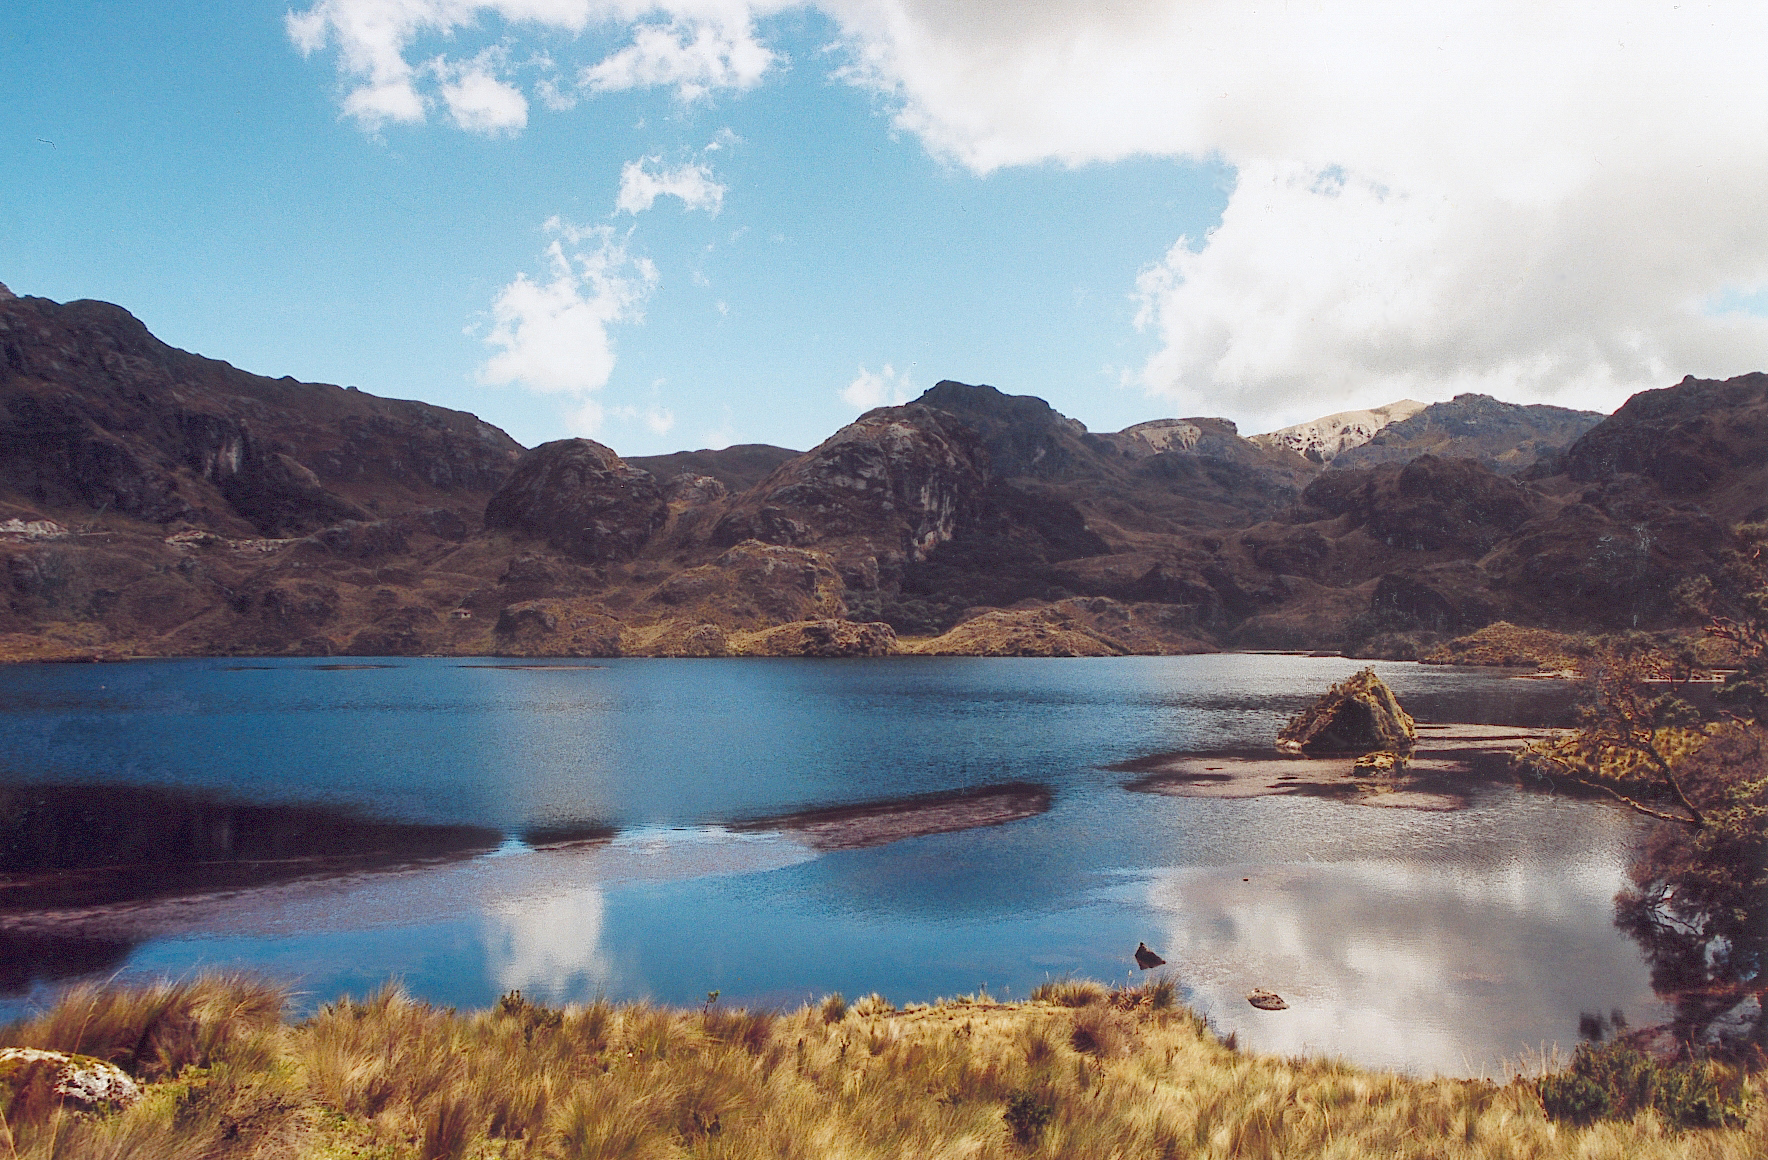 Archivo:Ecuador cajas national park.jpg - Wikipedia, la enciclopedia libre